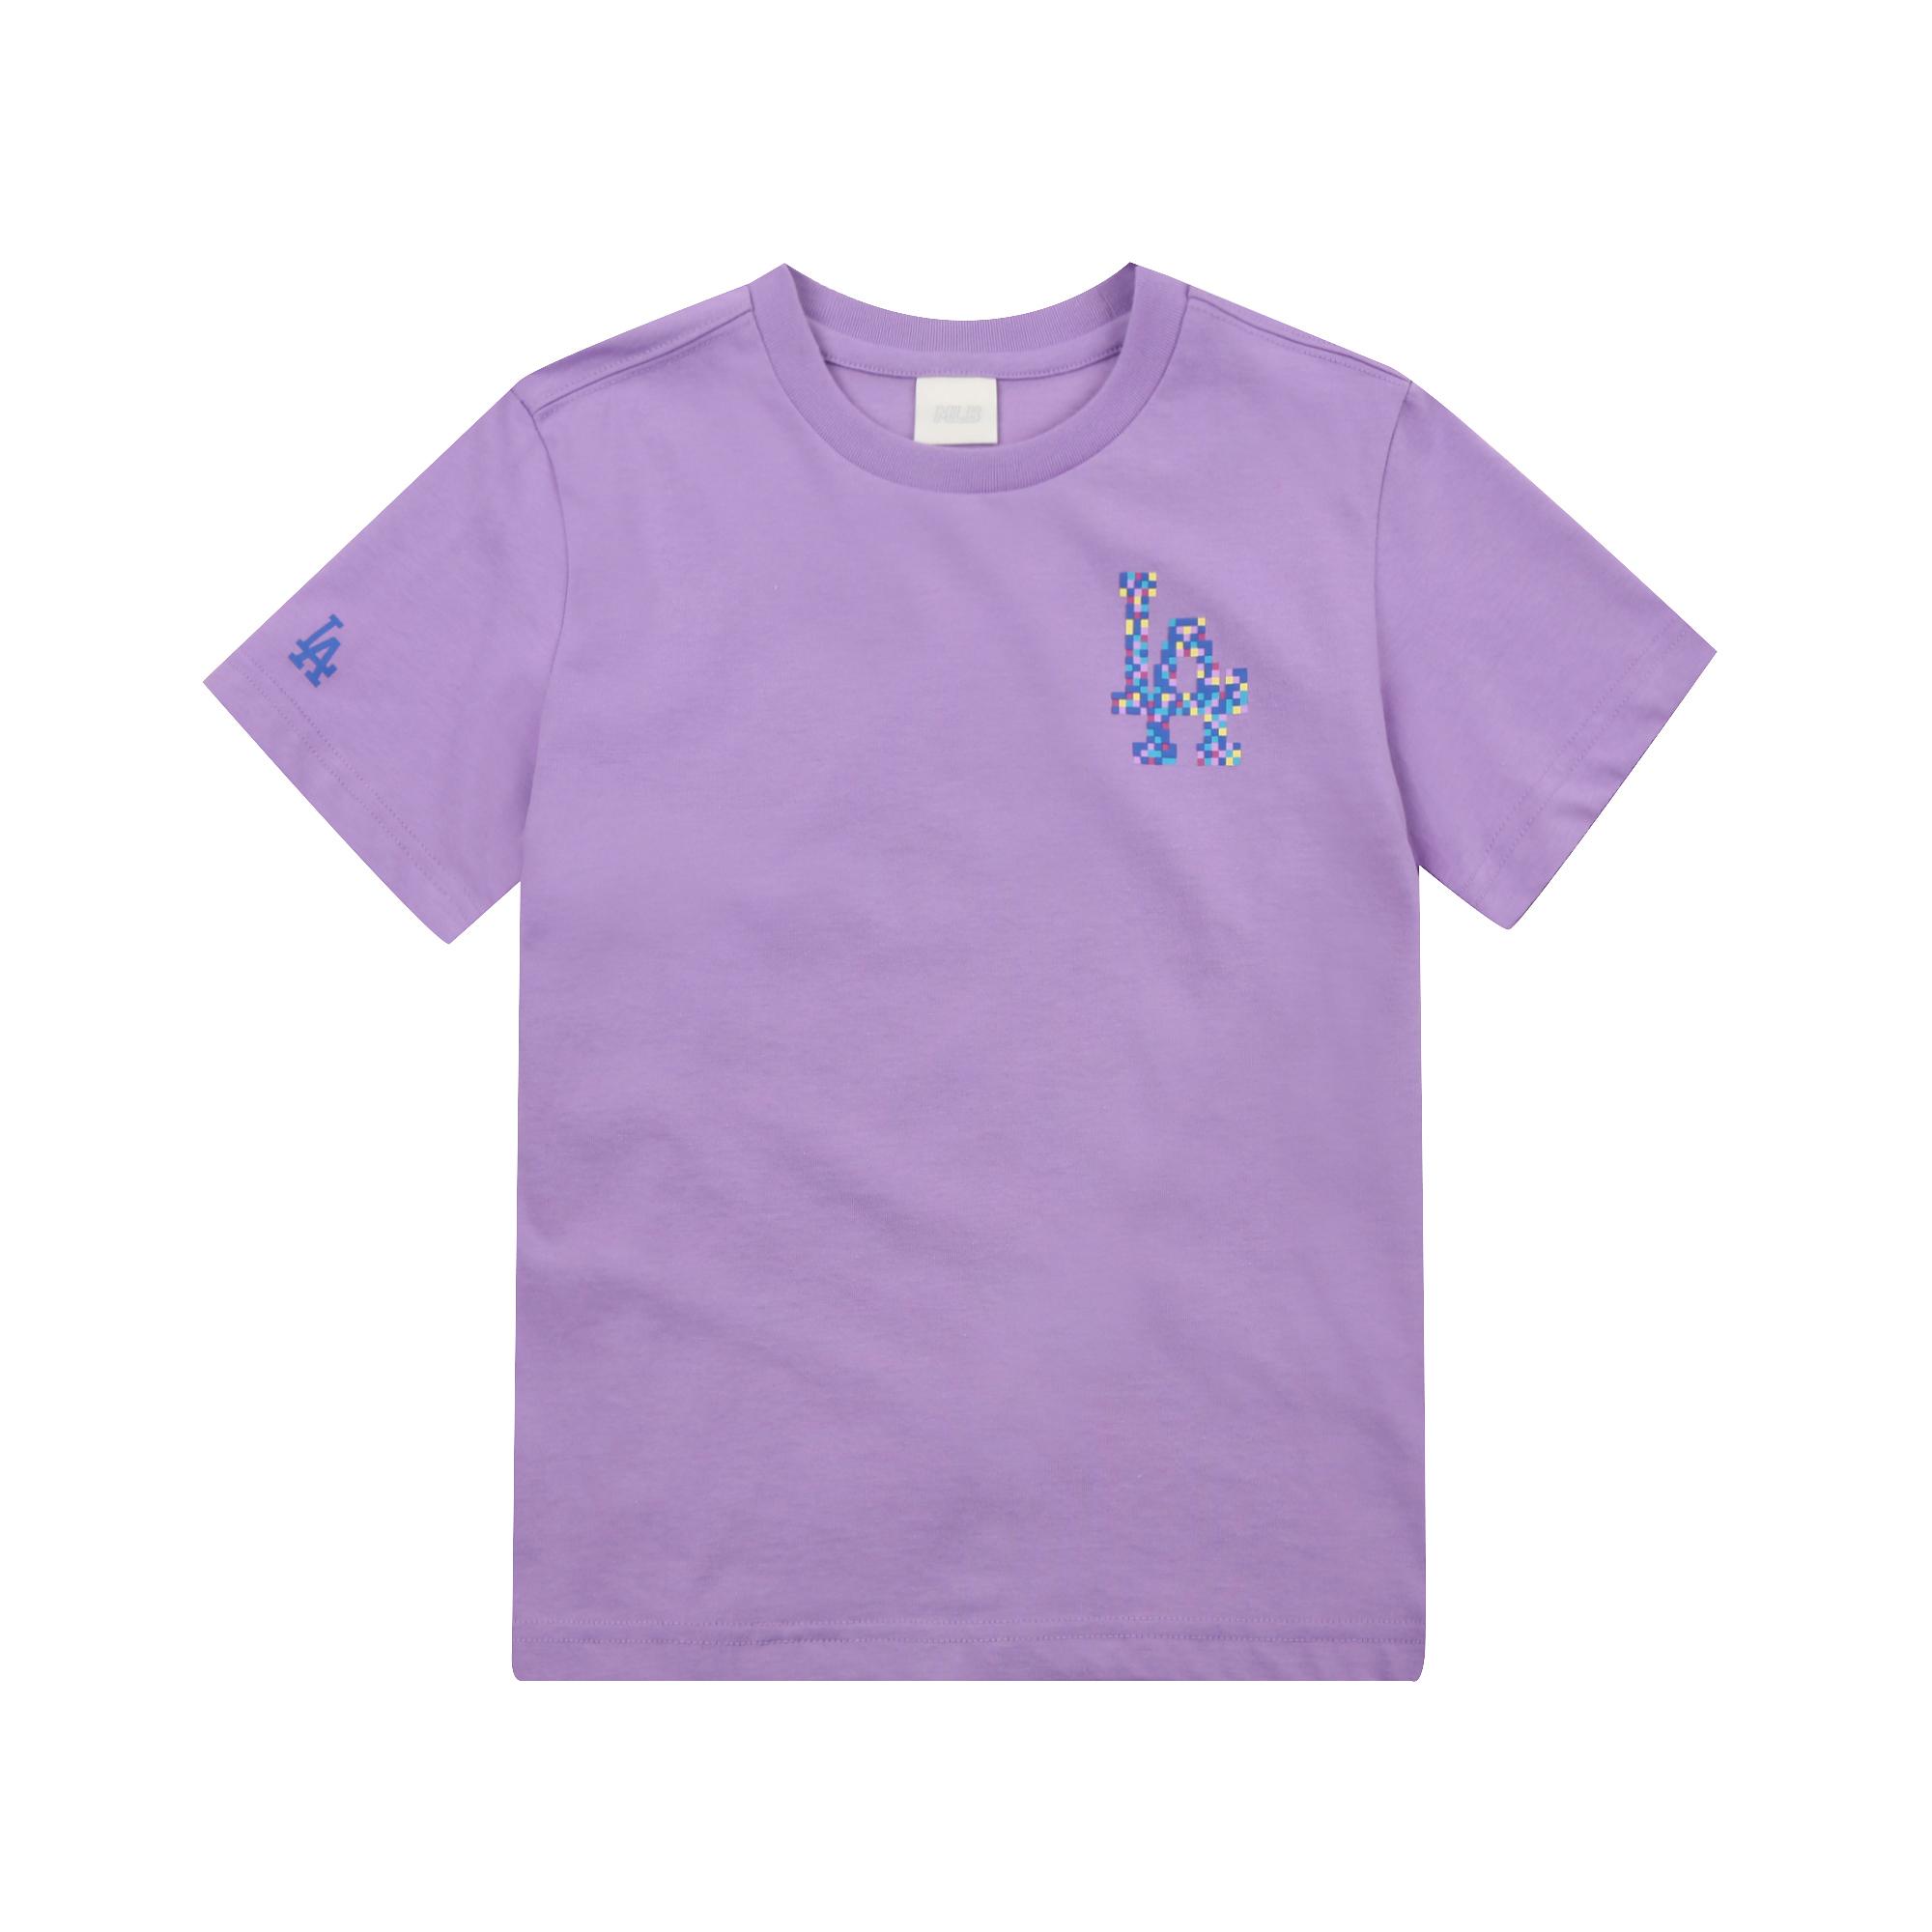 PLAY MLB 픽셀 로고 티셔츠 LA다저스